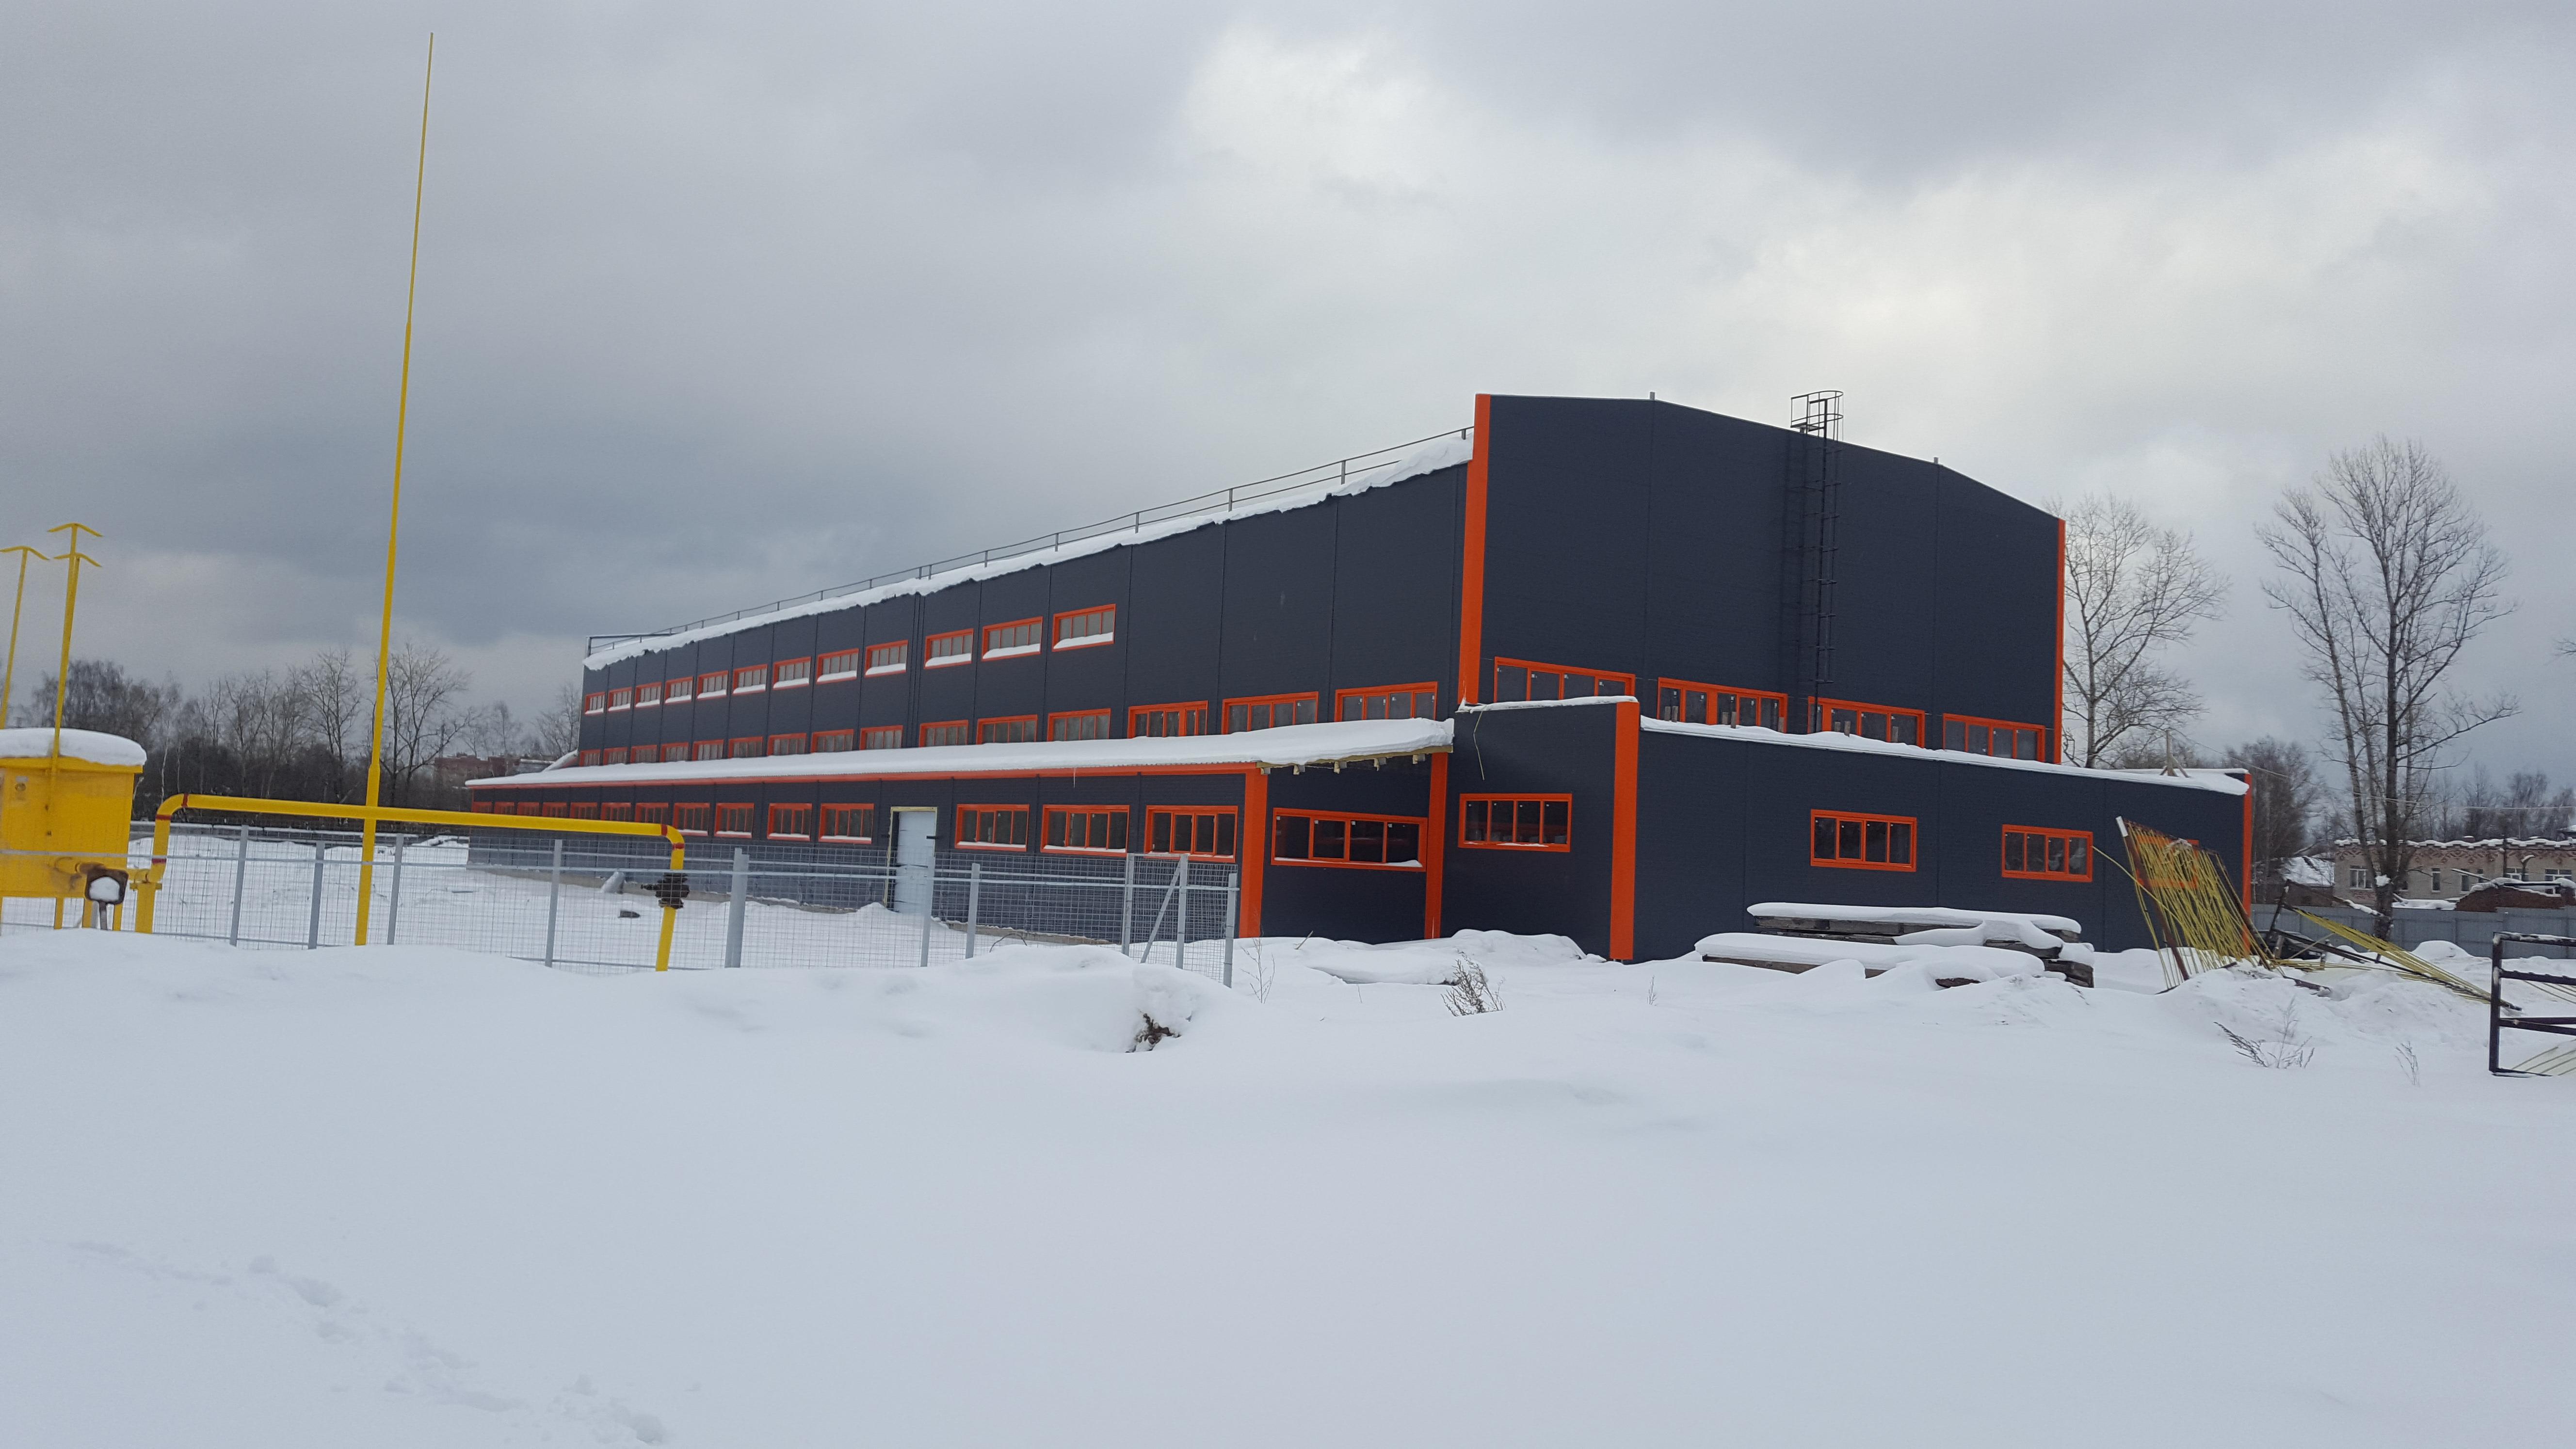 Реконструкция промышленного здания в Сергиевом Посаде